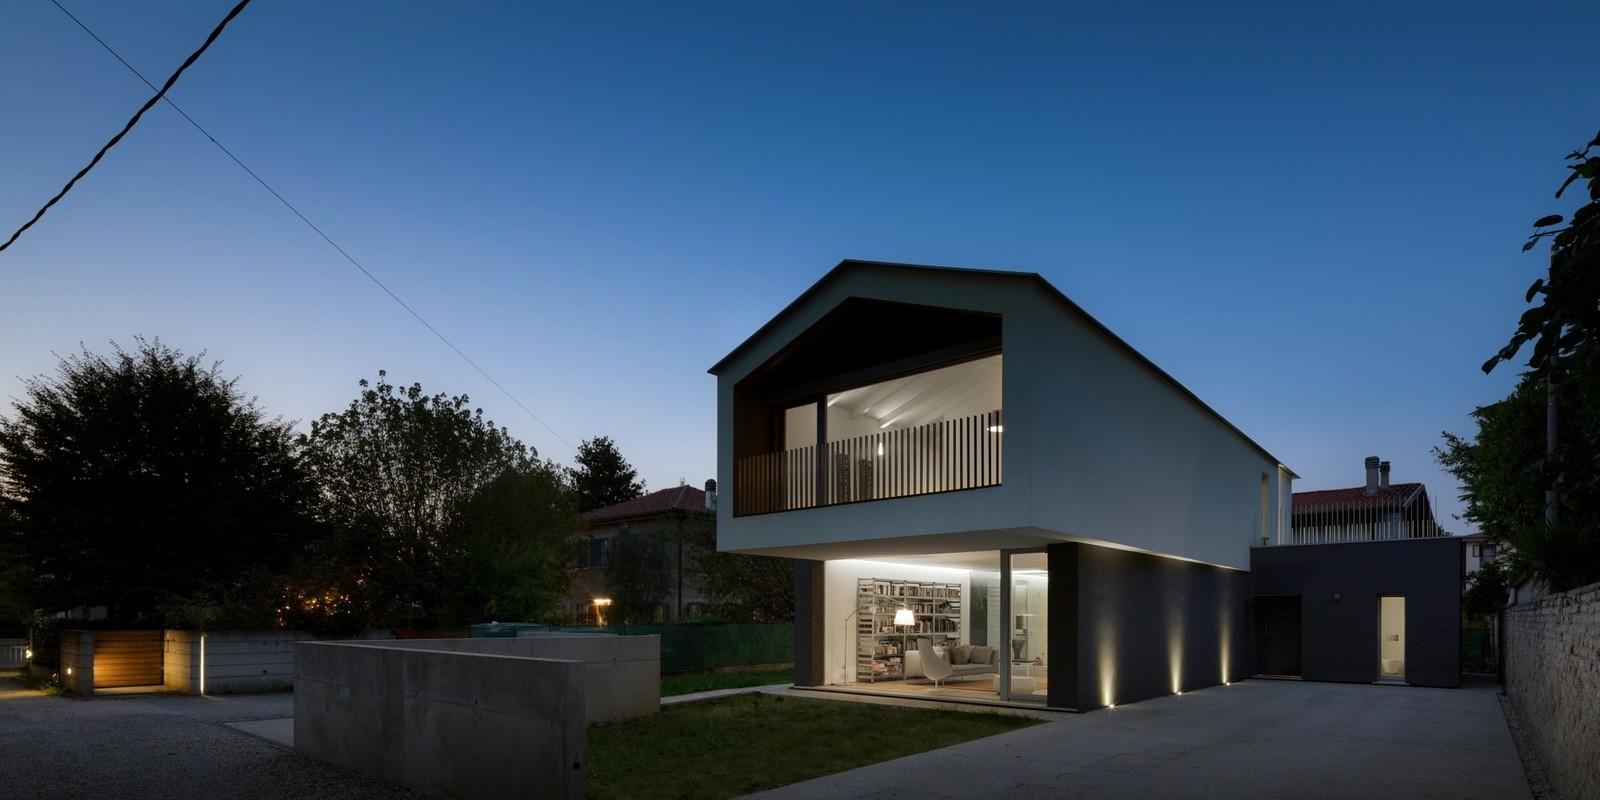 Comprare una casa indipendente a Treviso